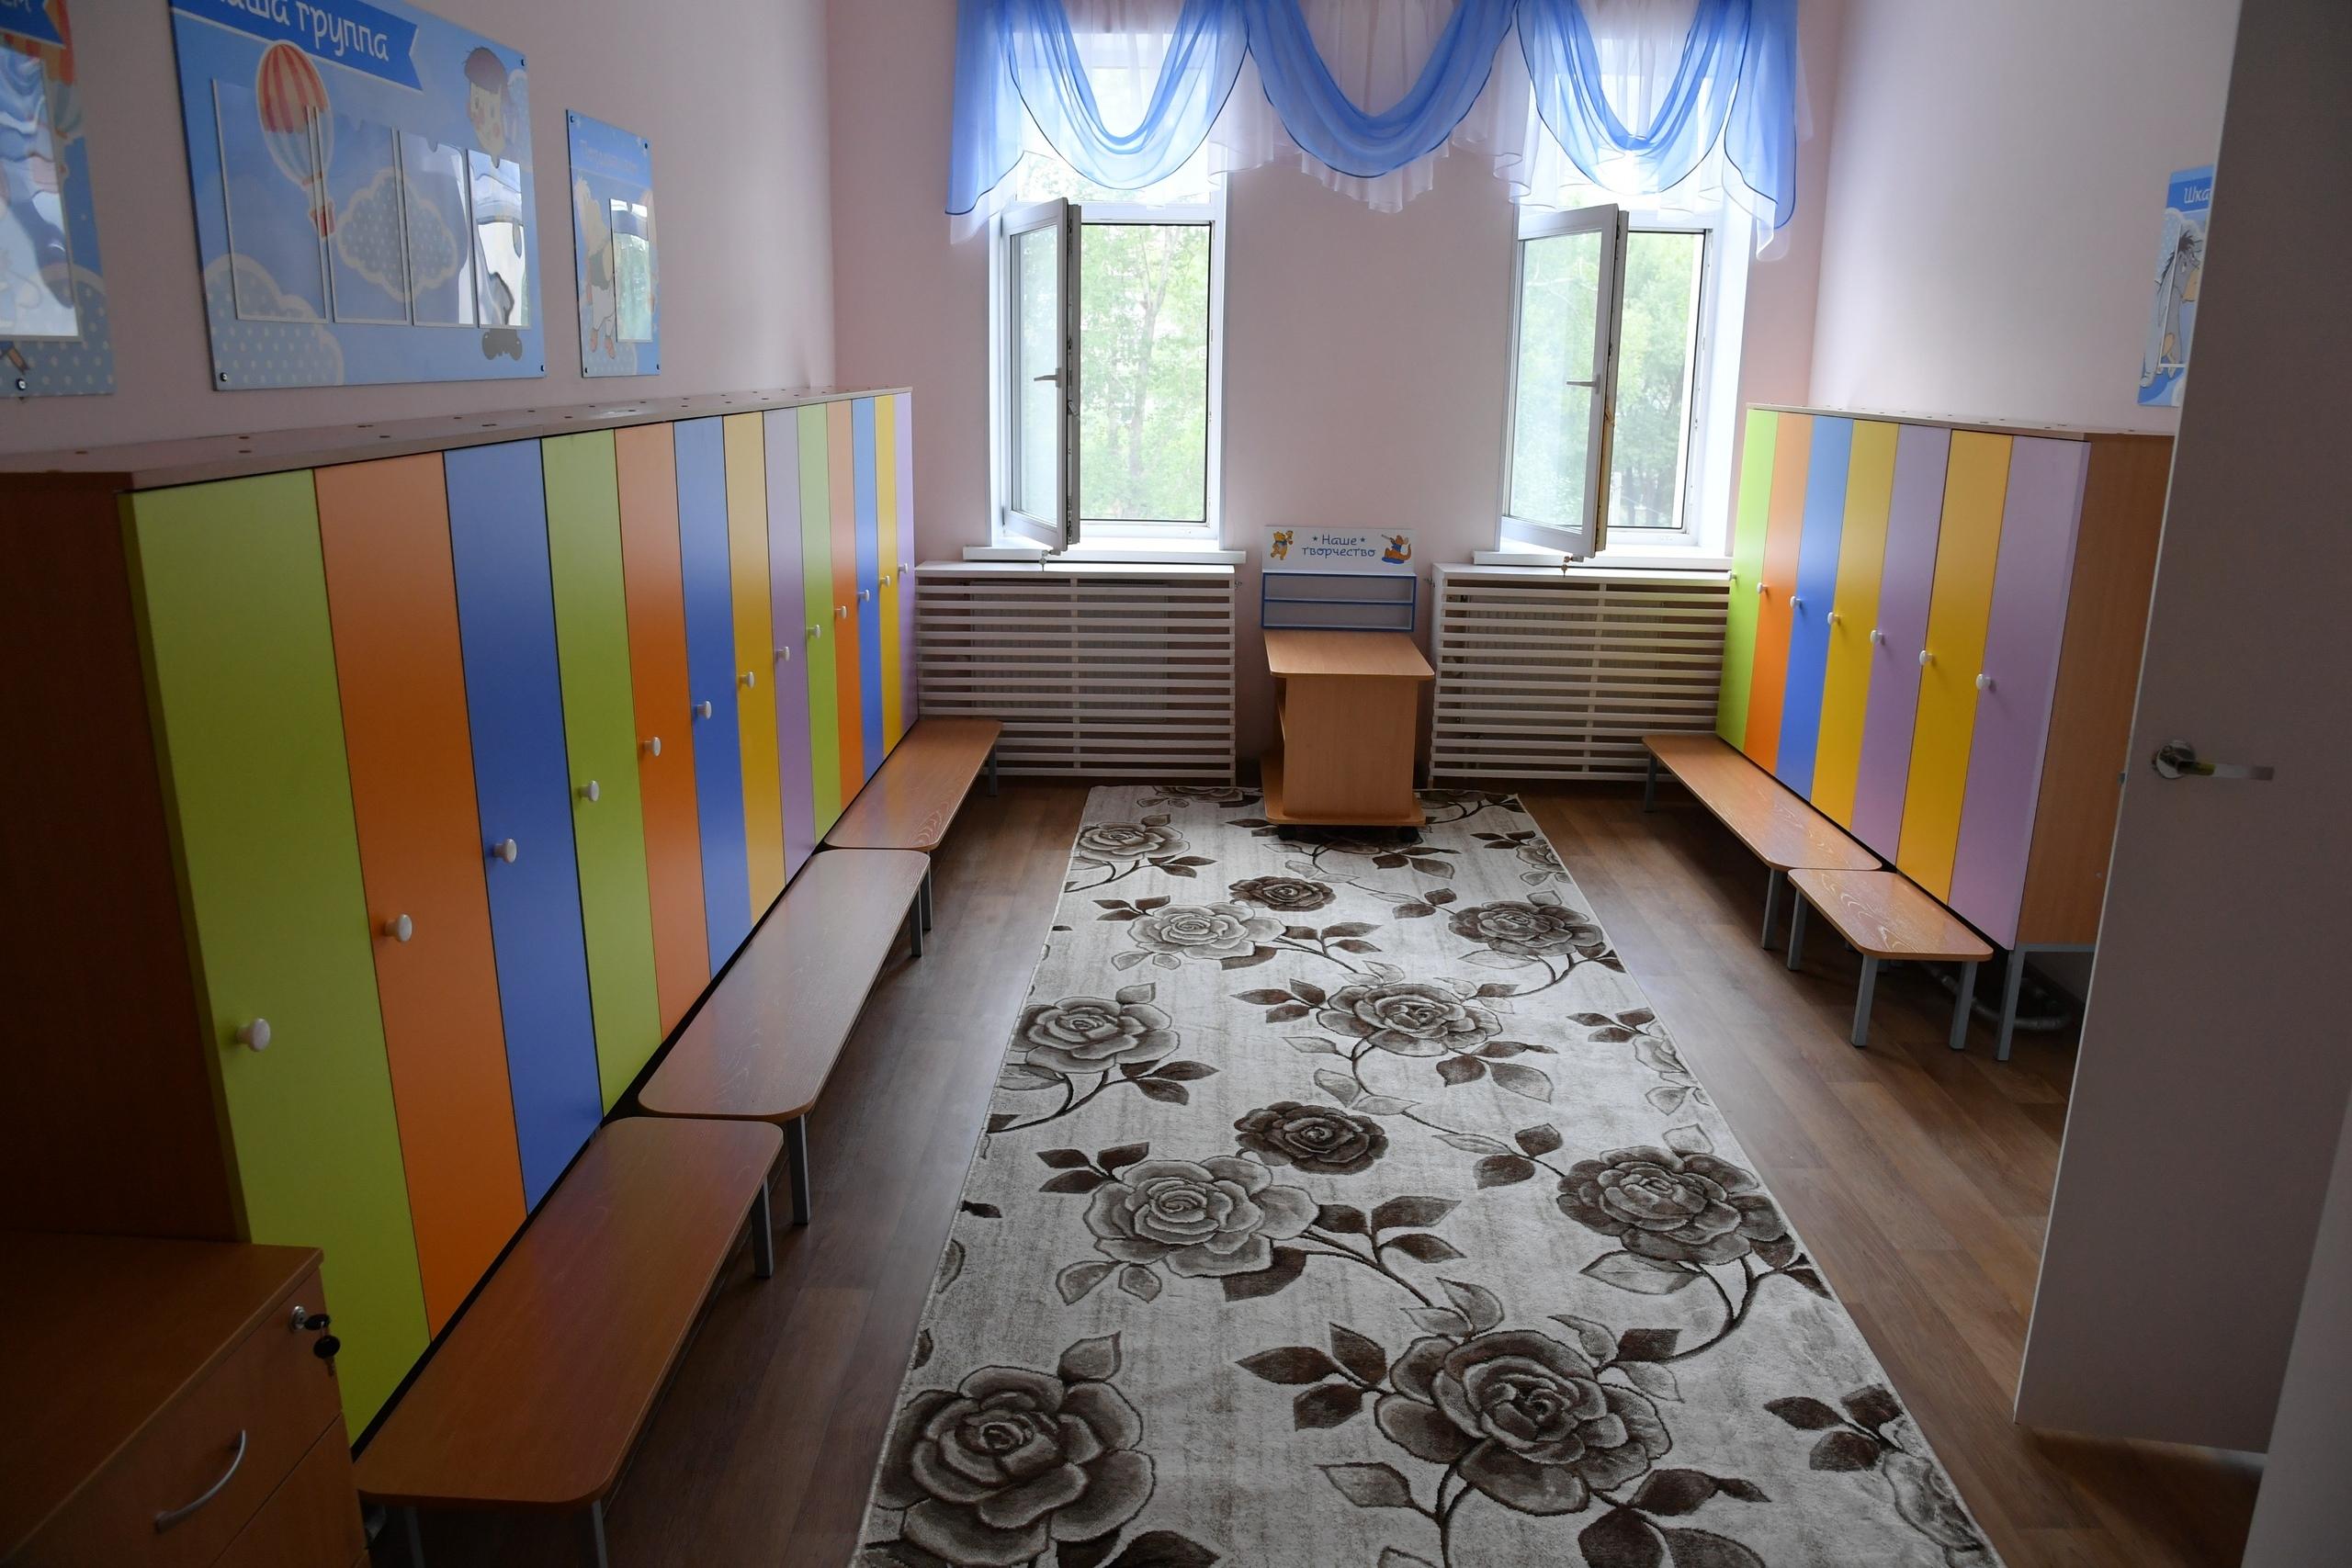 Детям наверняка понравятся разноцветные шкафчики для одежды